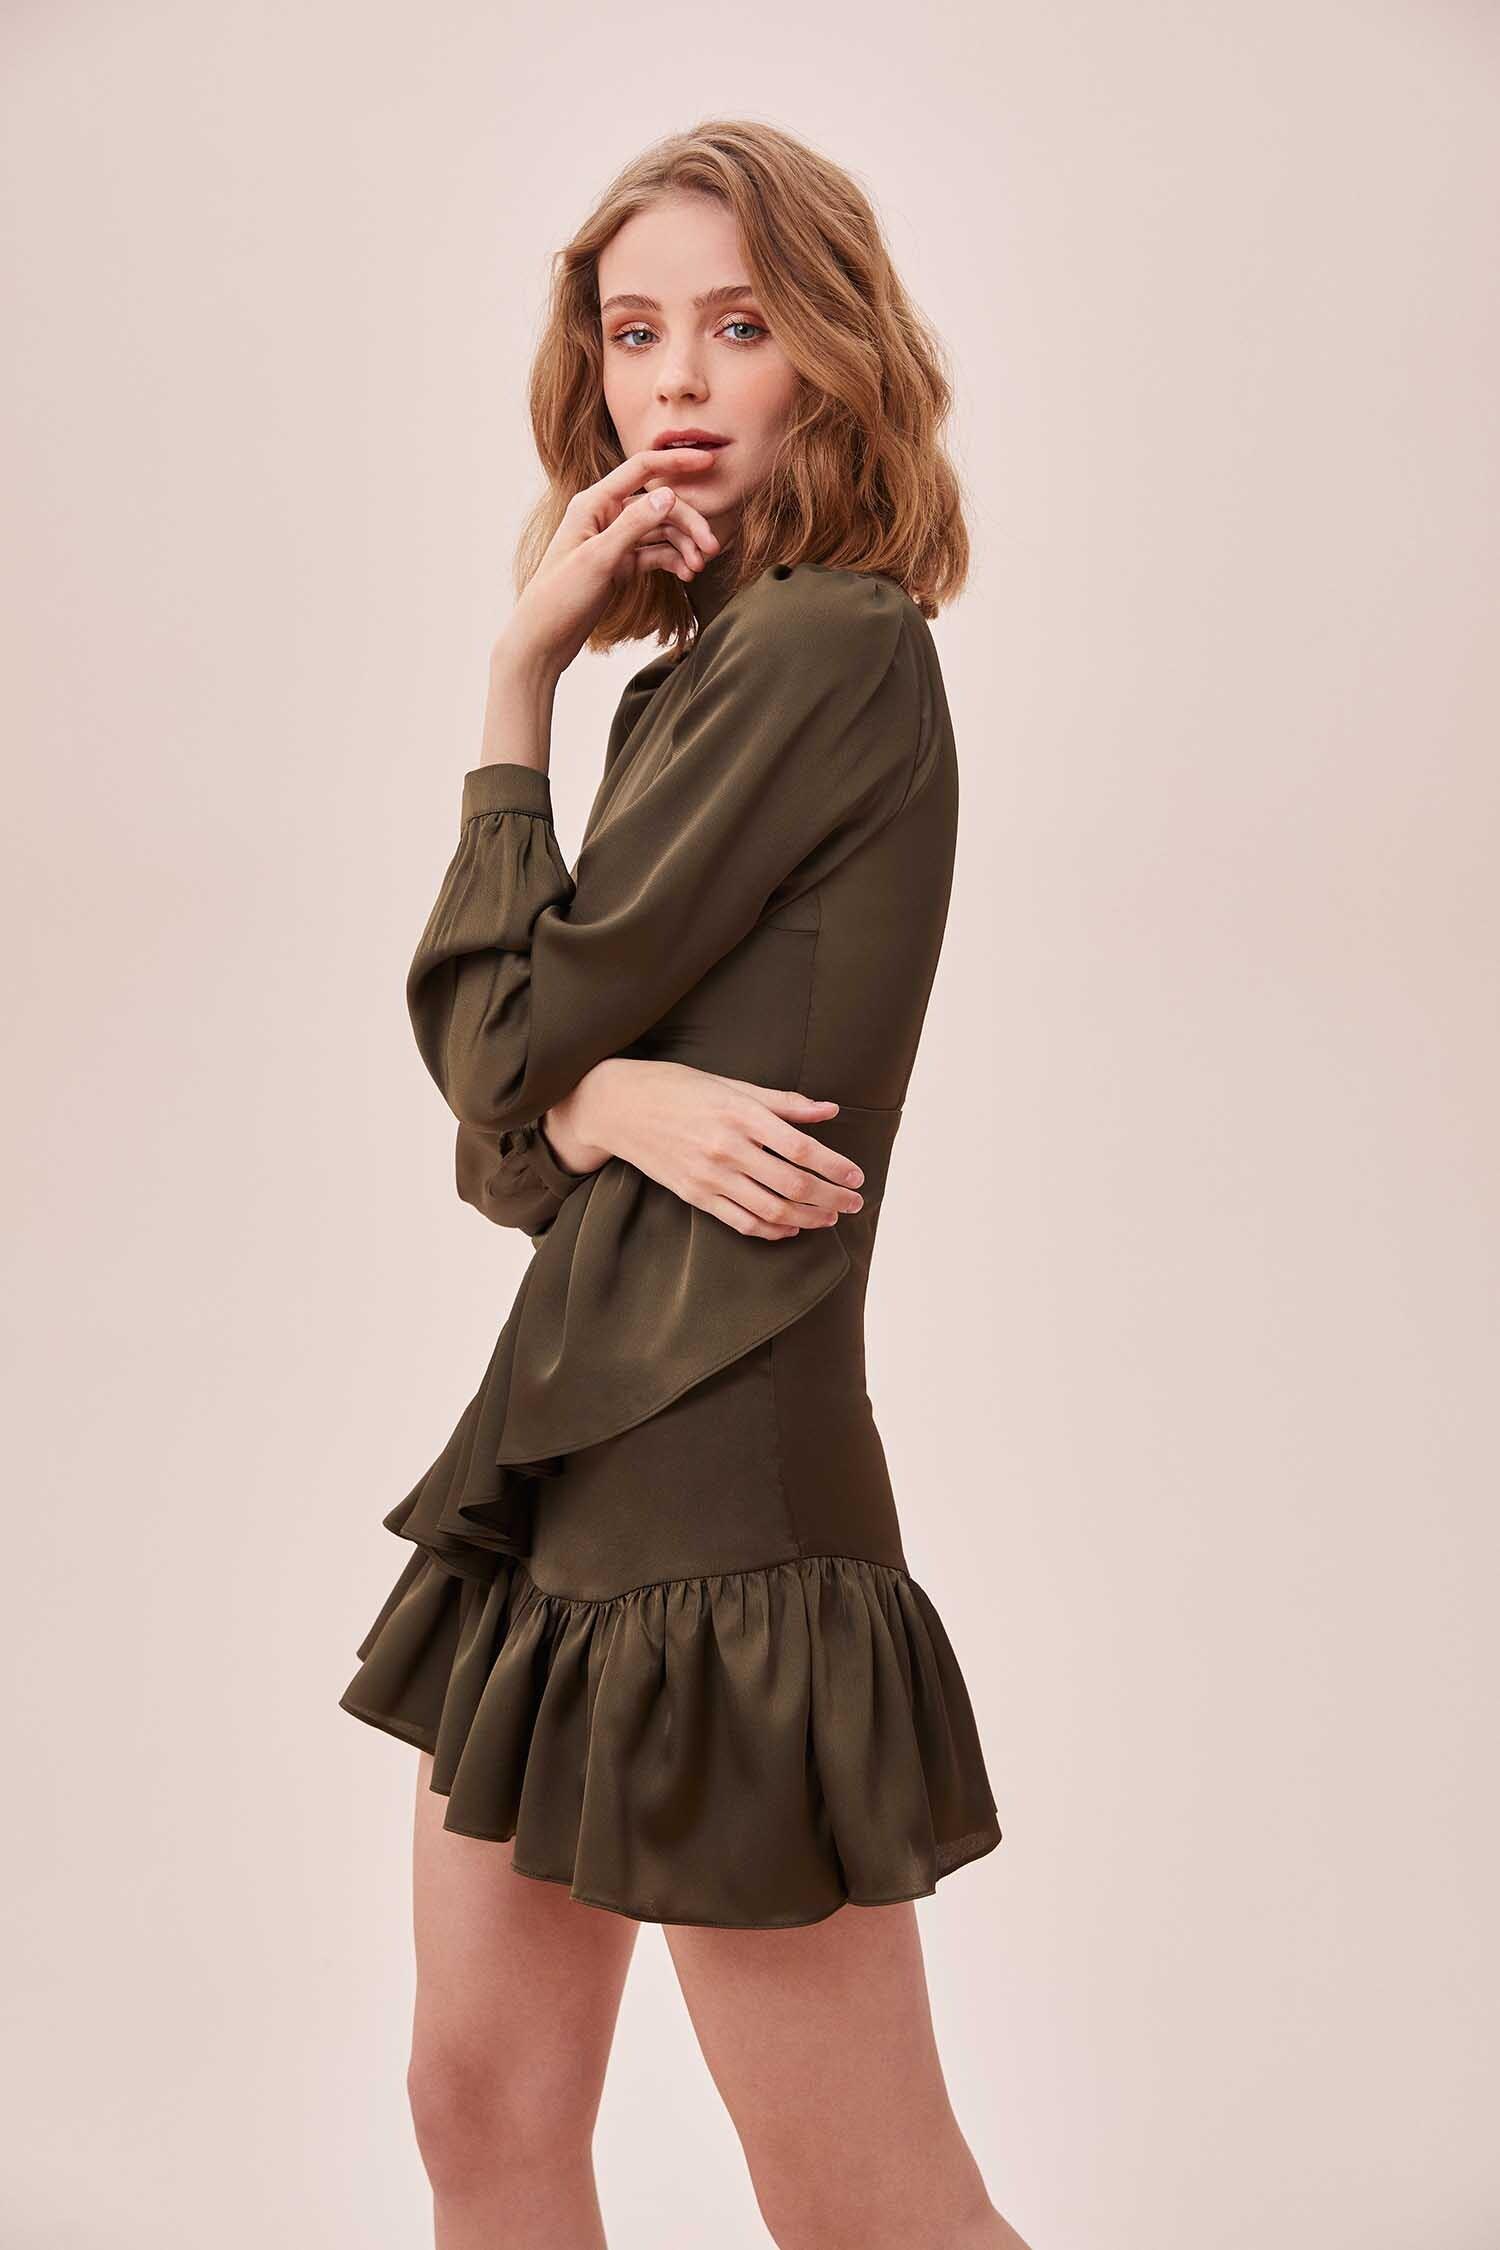 Yeşil Yüksek Yaka Uzun Kollu Eteği Fırfırlı Mini Saten Elbise - Thumbnail